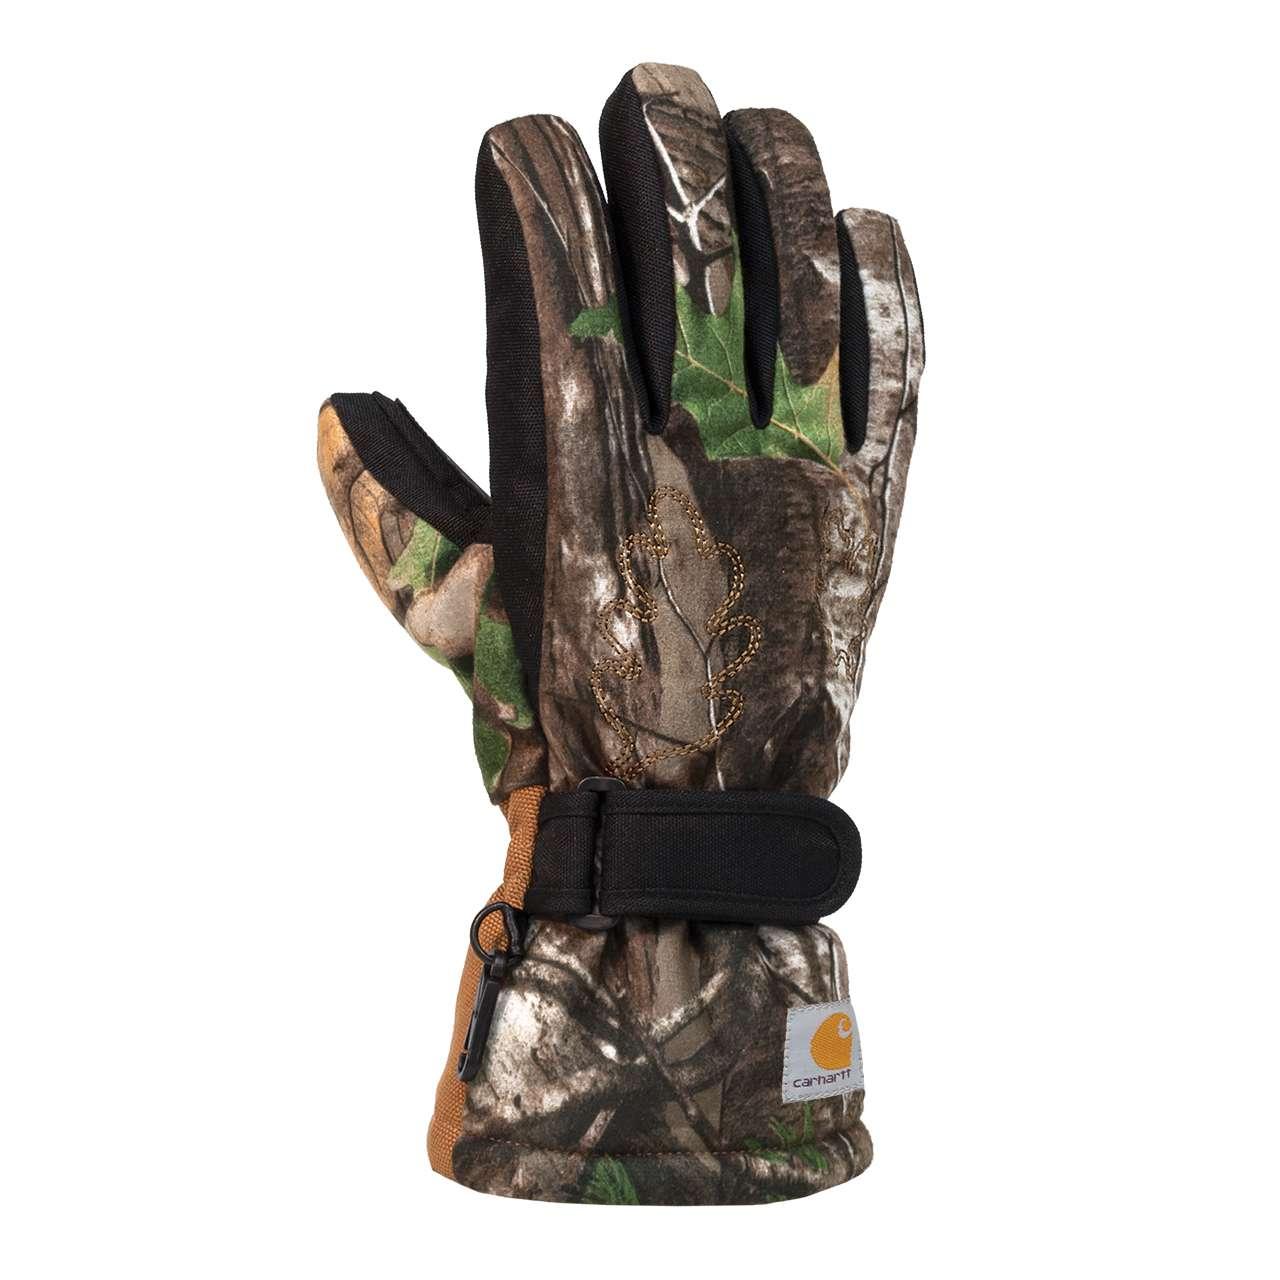 Carhartt Camo Insulated Glove